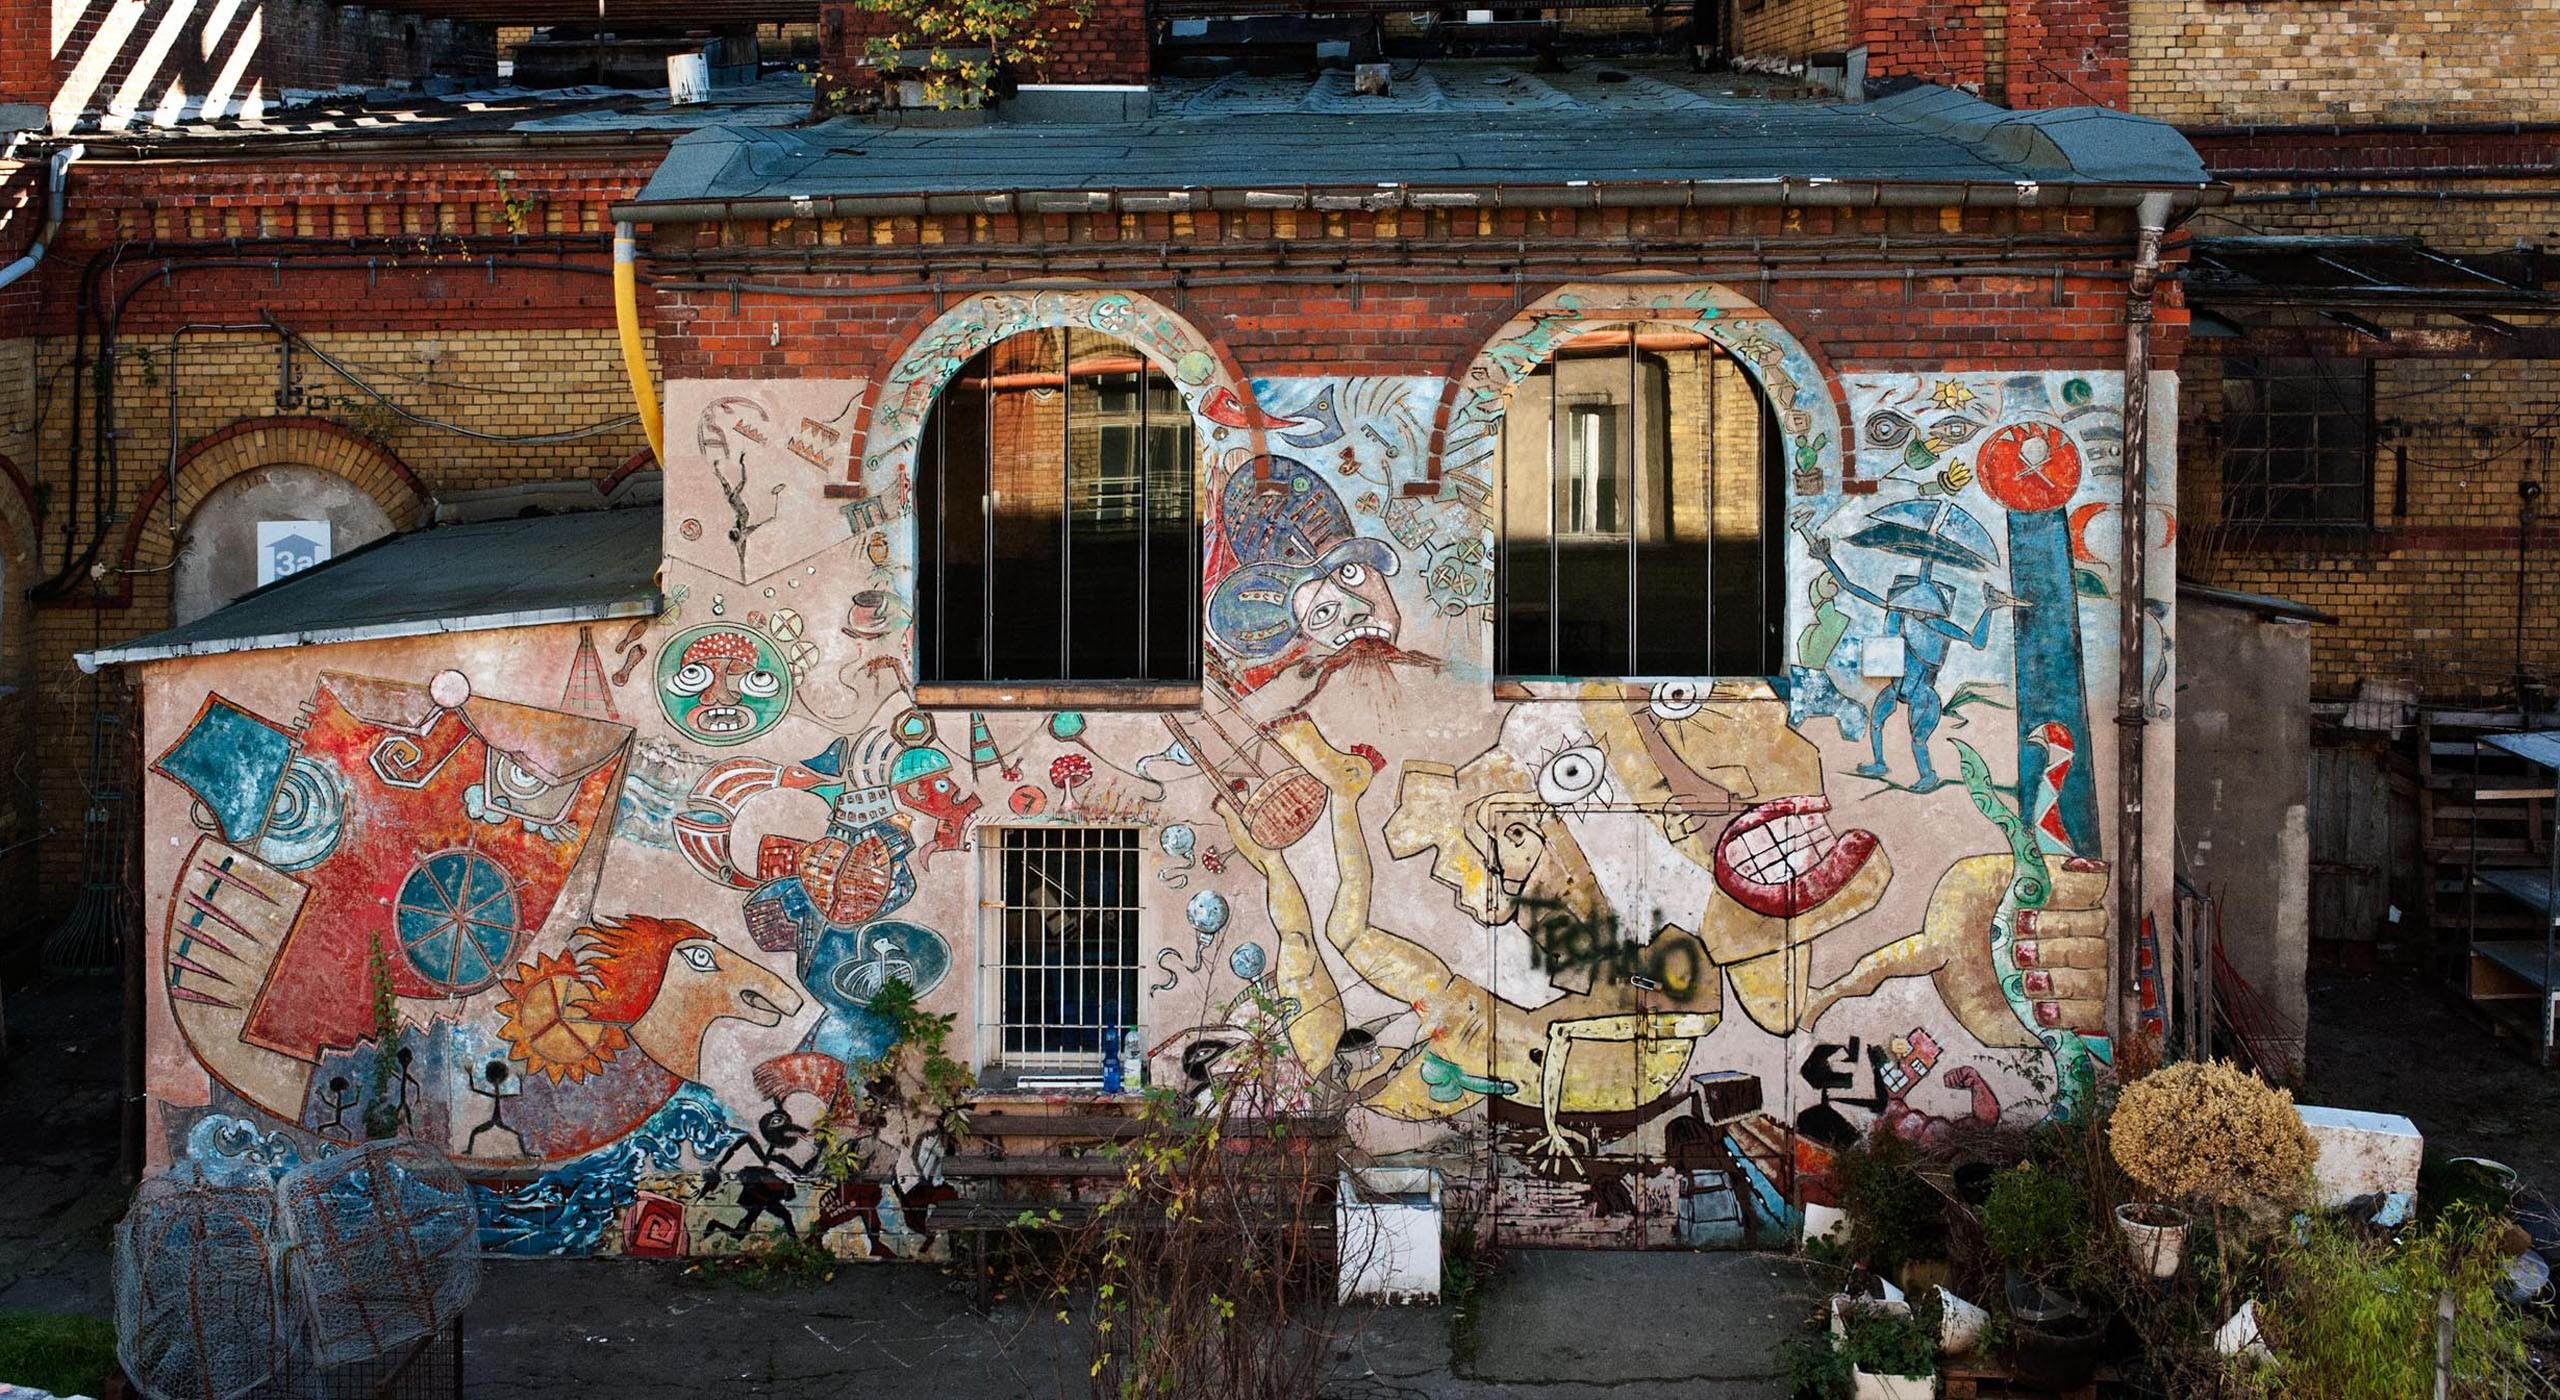 Außenfassader der Bötzow-Brauerei Berlin, Graffiti